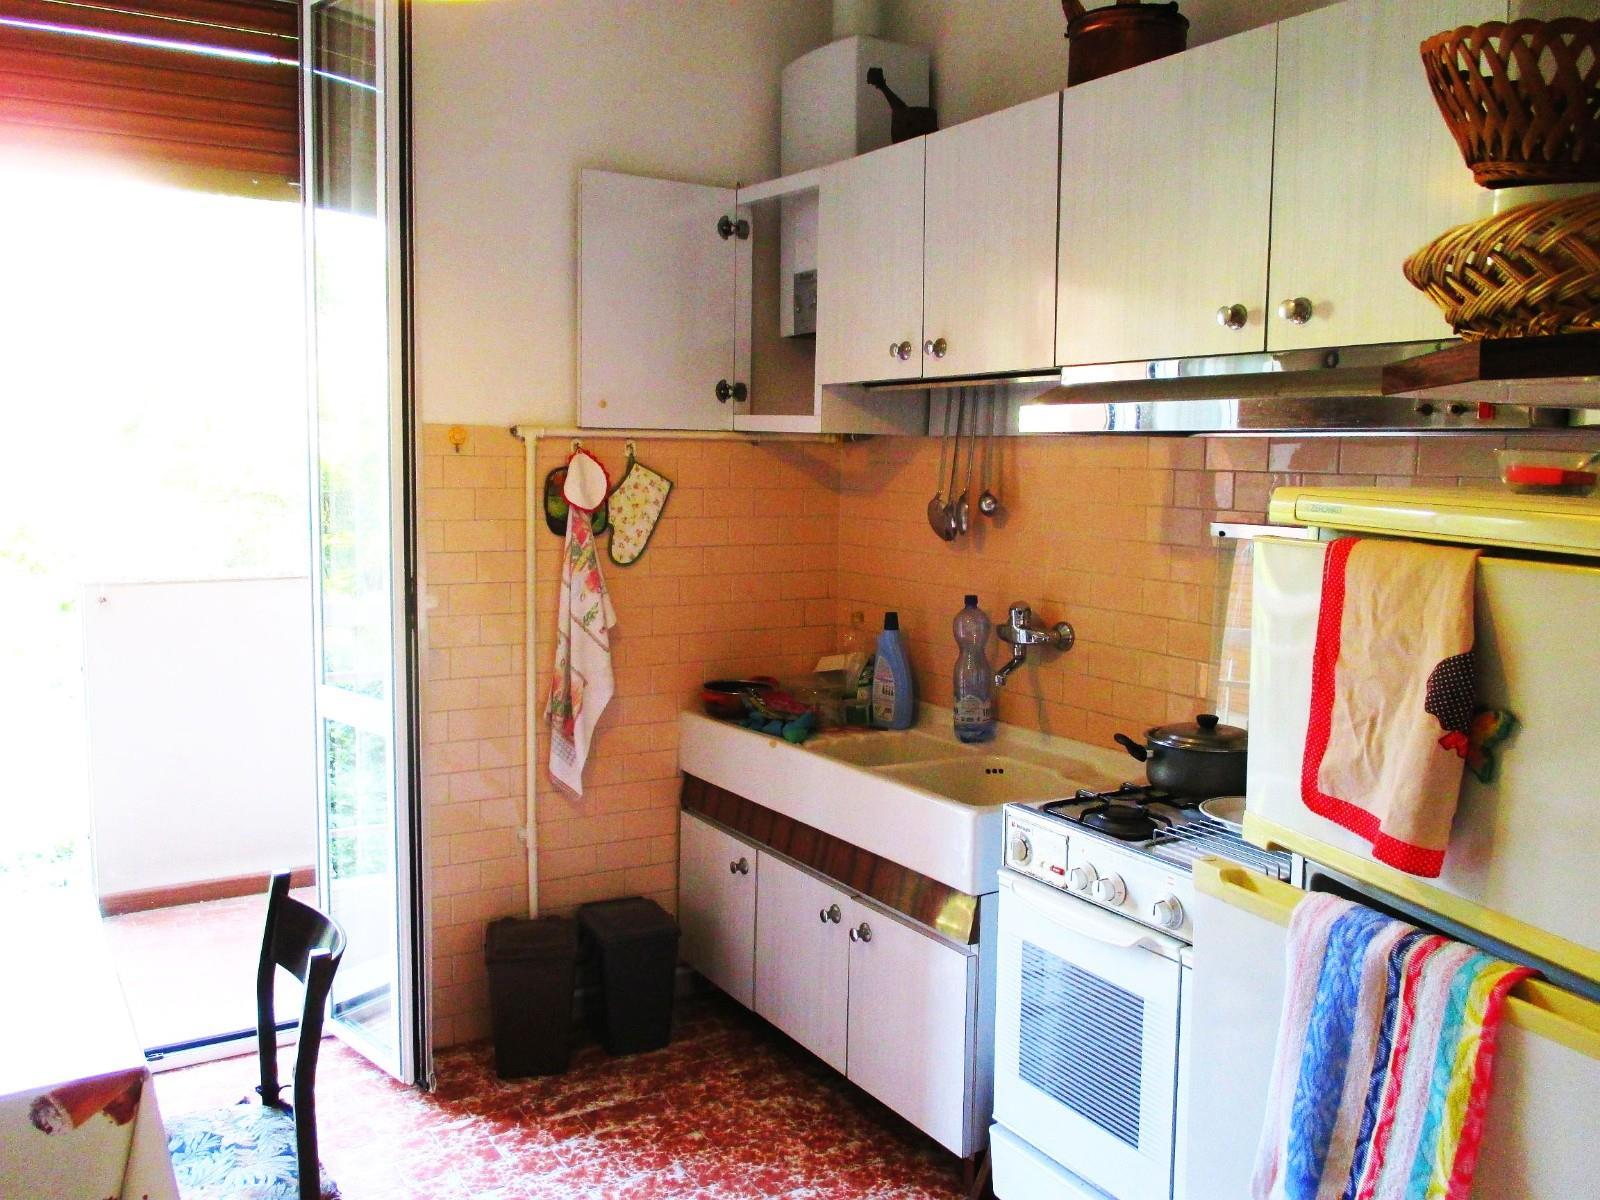 Foto 8 - Appartamento in Vendita - Seveso (Monza e Brianza)